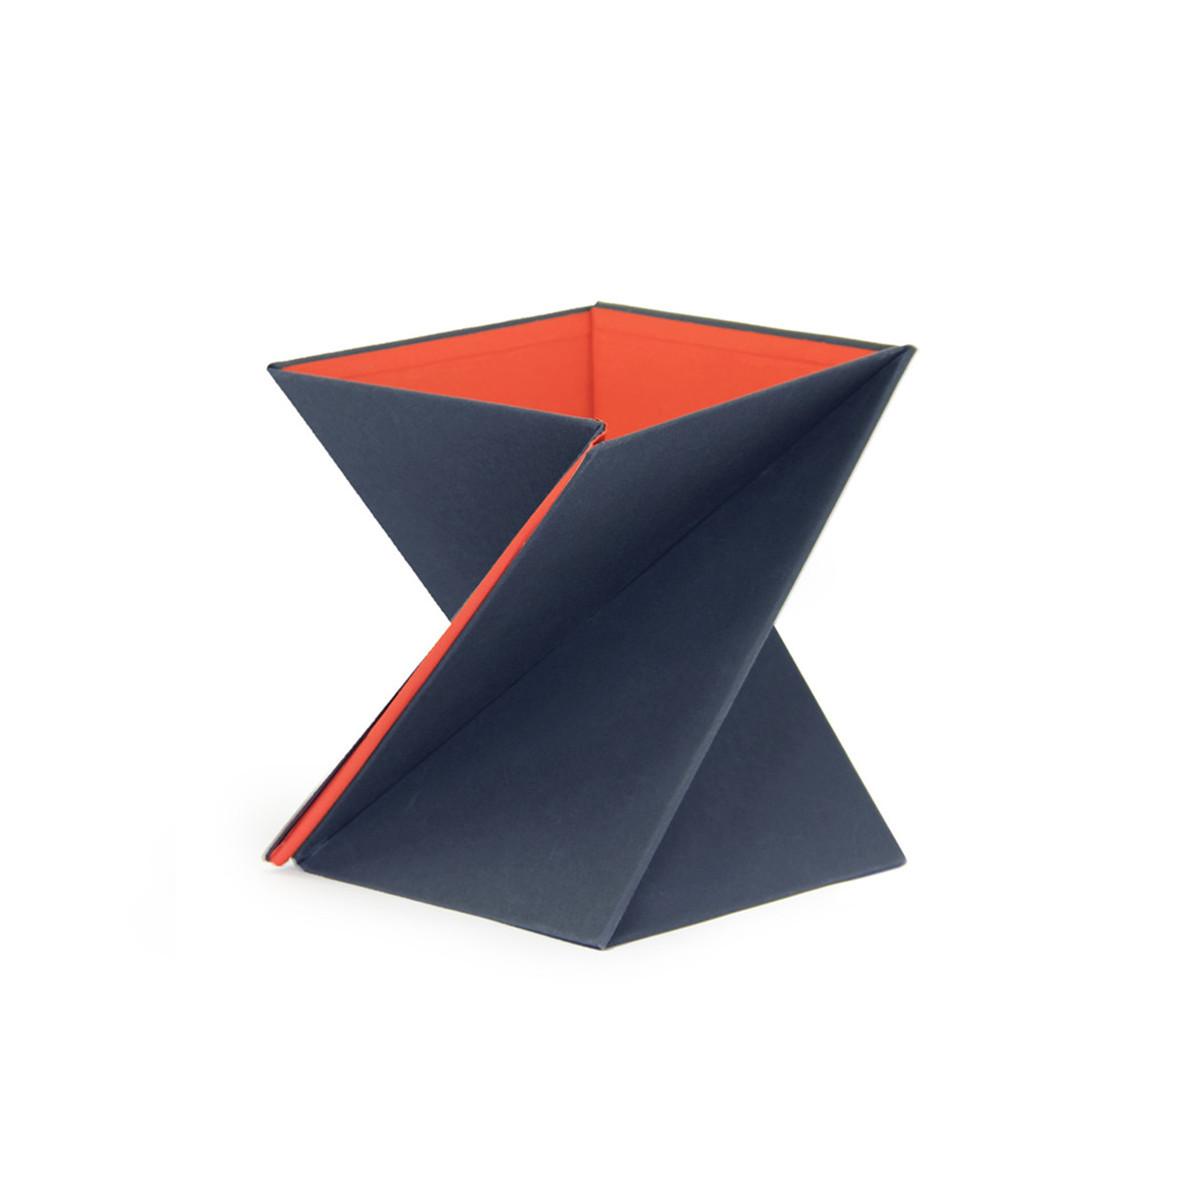 携帯できるスタンディングデスク 【在庫限り】Mサイズ(身長165〜175cm)  PC仕事の姿勢が変わる、折りたたみ式スタンディングデスク「LEVIT8」